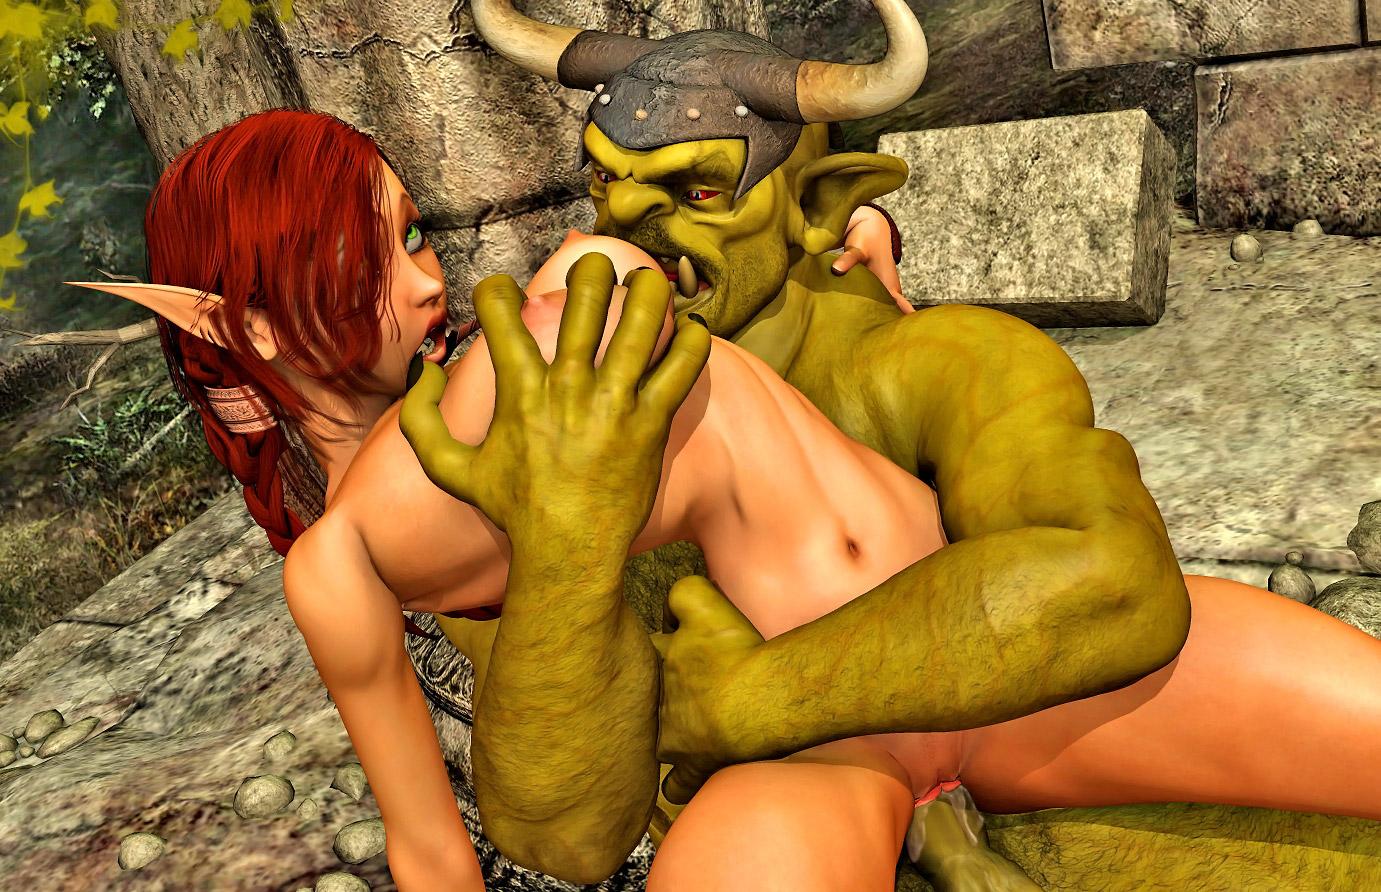 Girls who fuck monsters porn scene